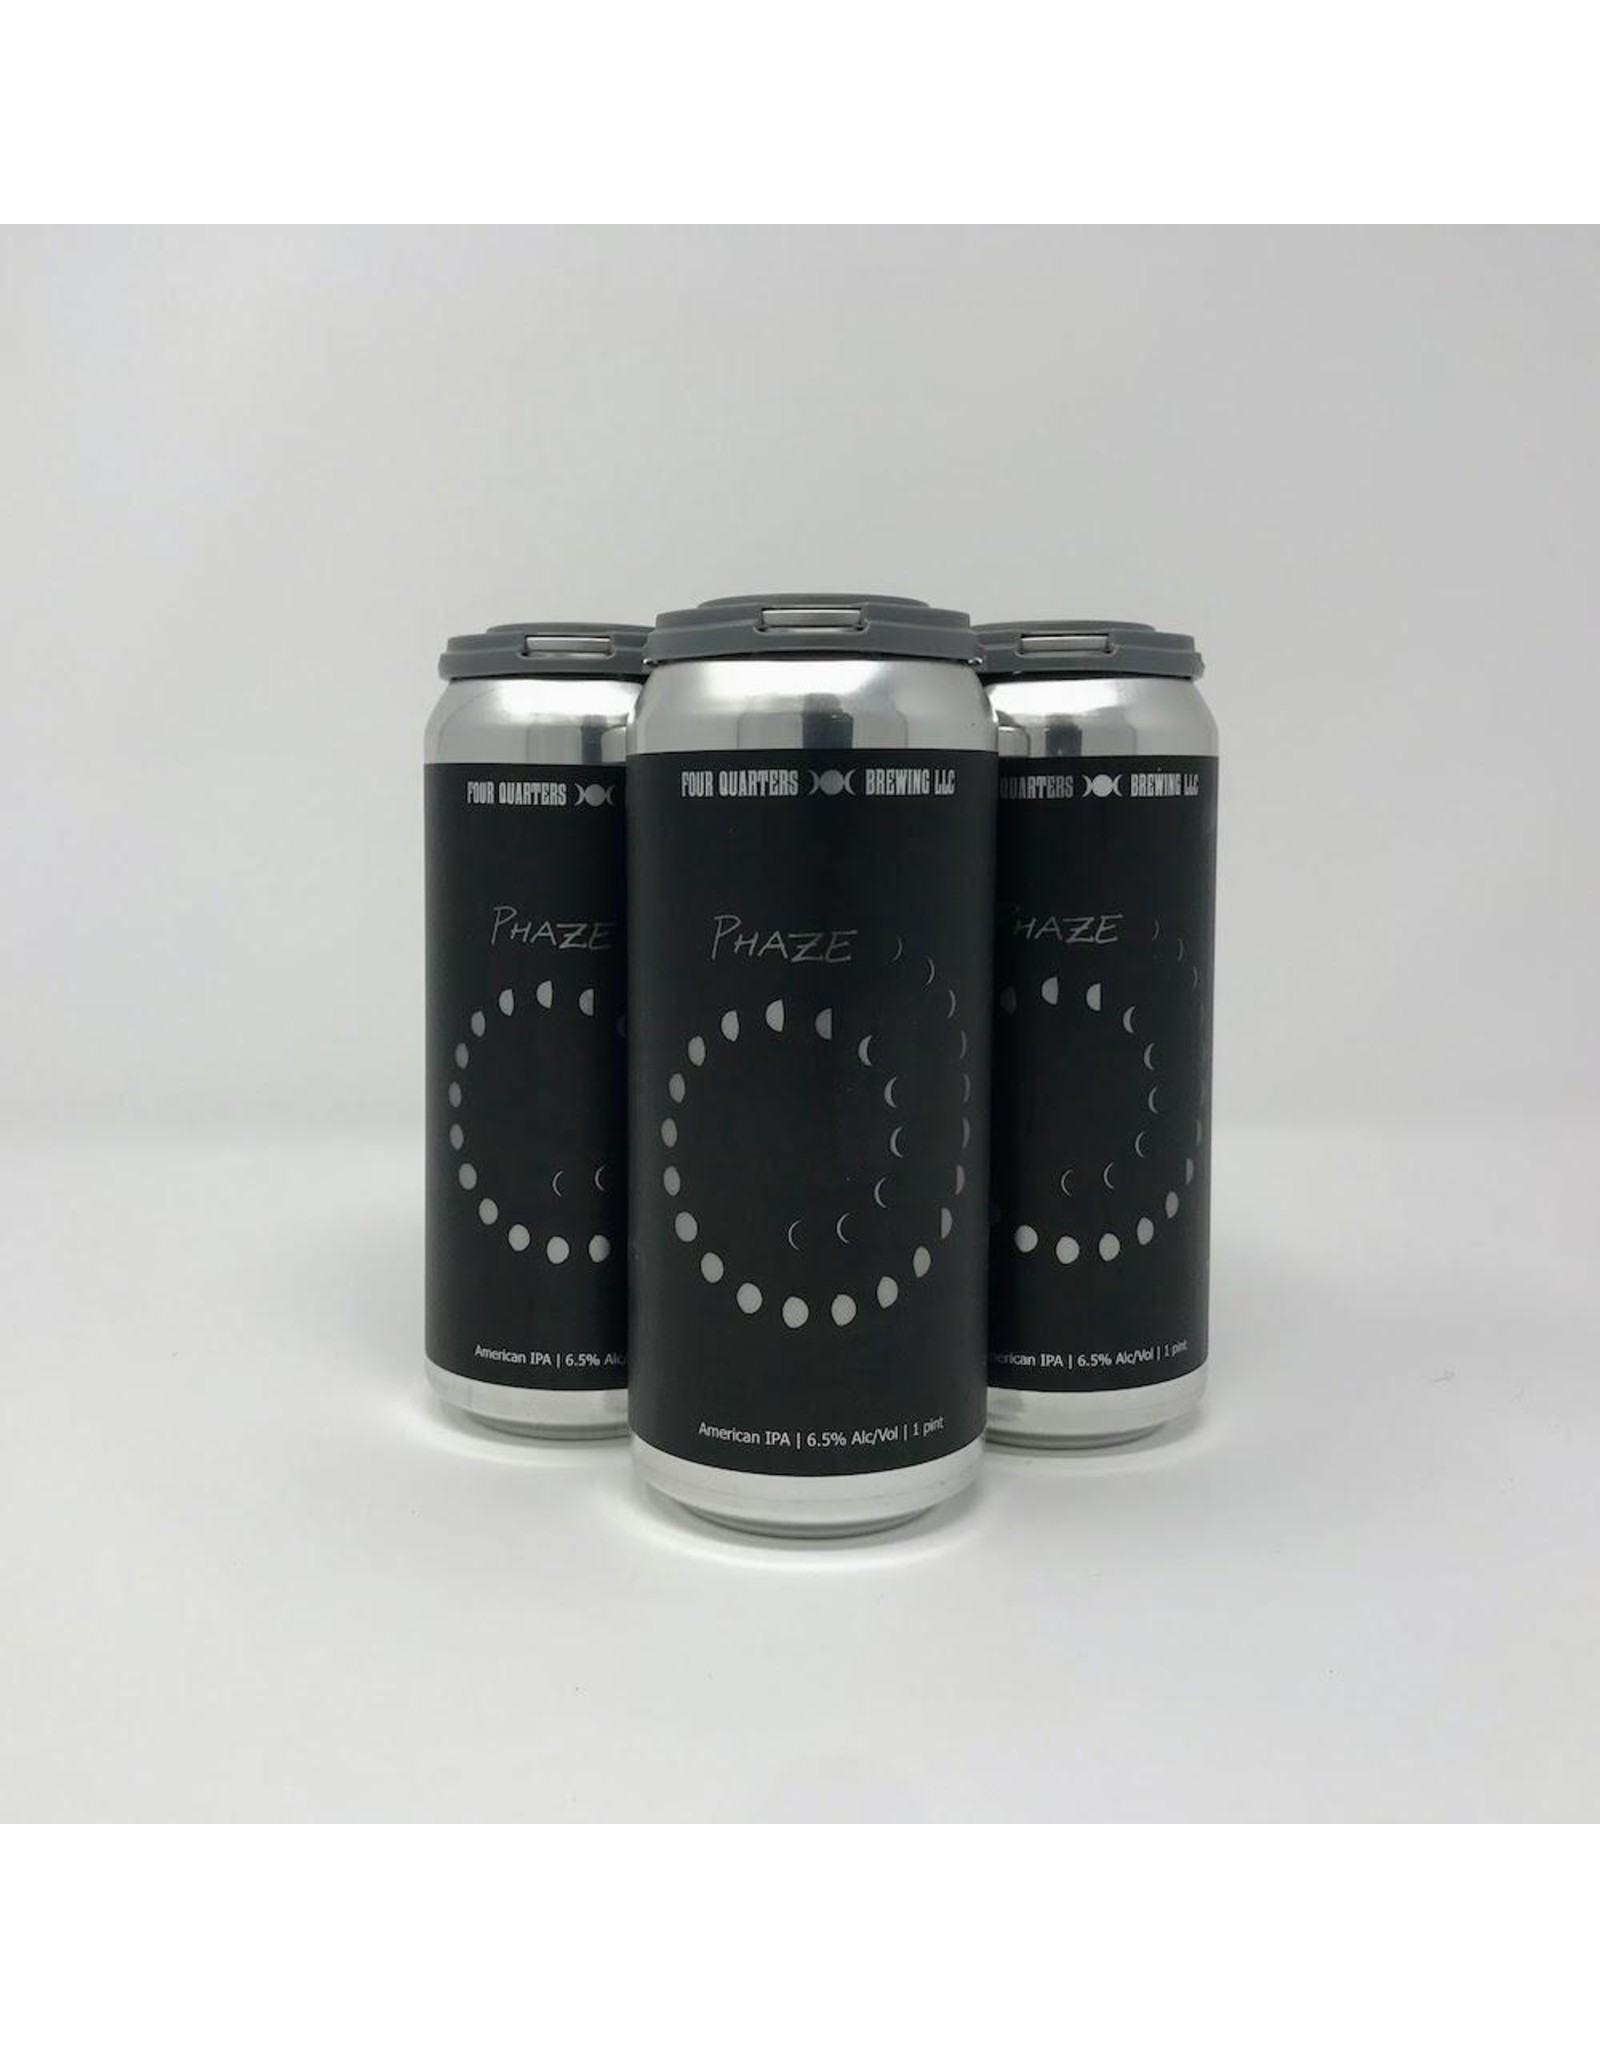 Four Quarters Brewing Phaze IPA 16oz 4pk Cans